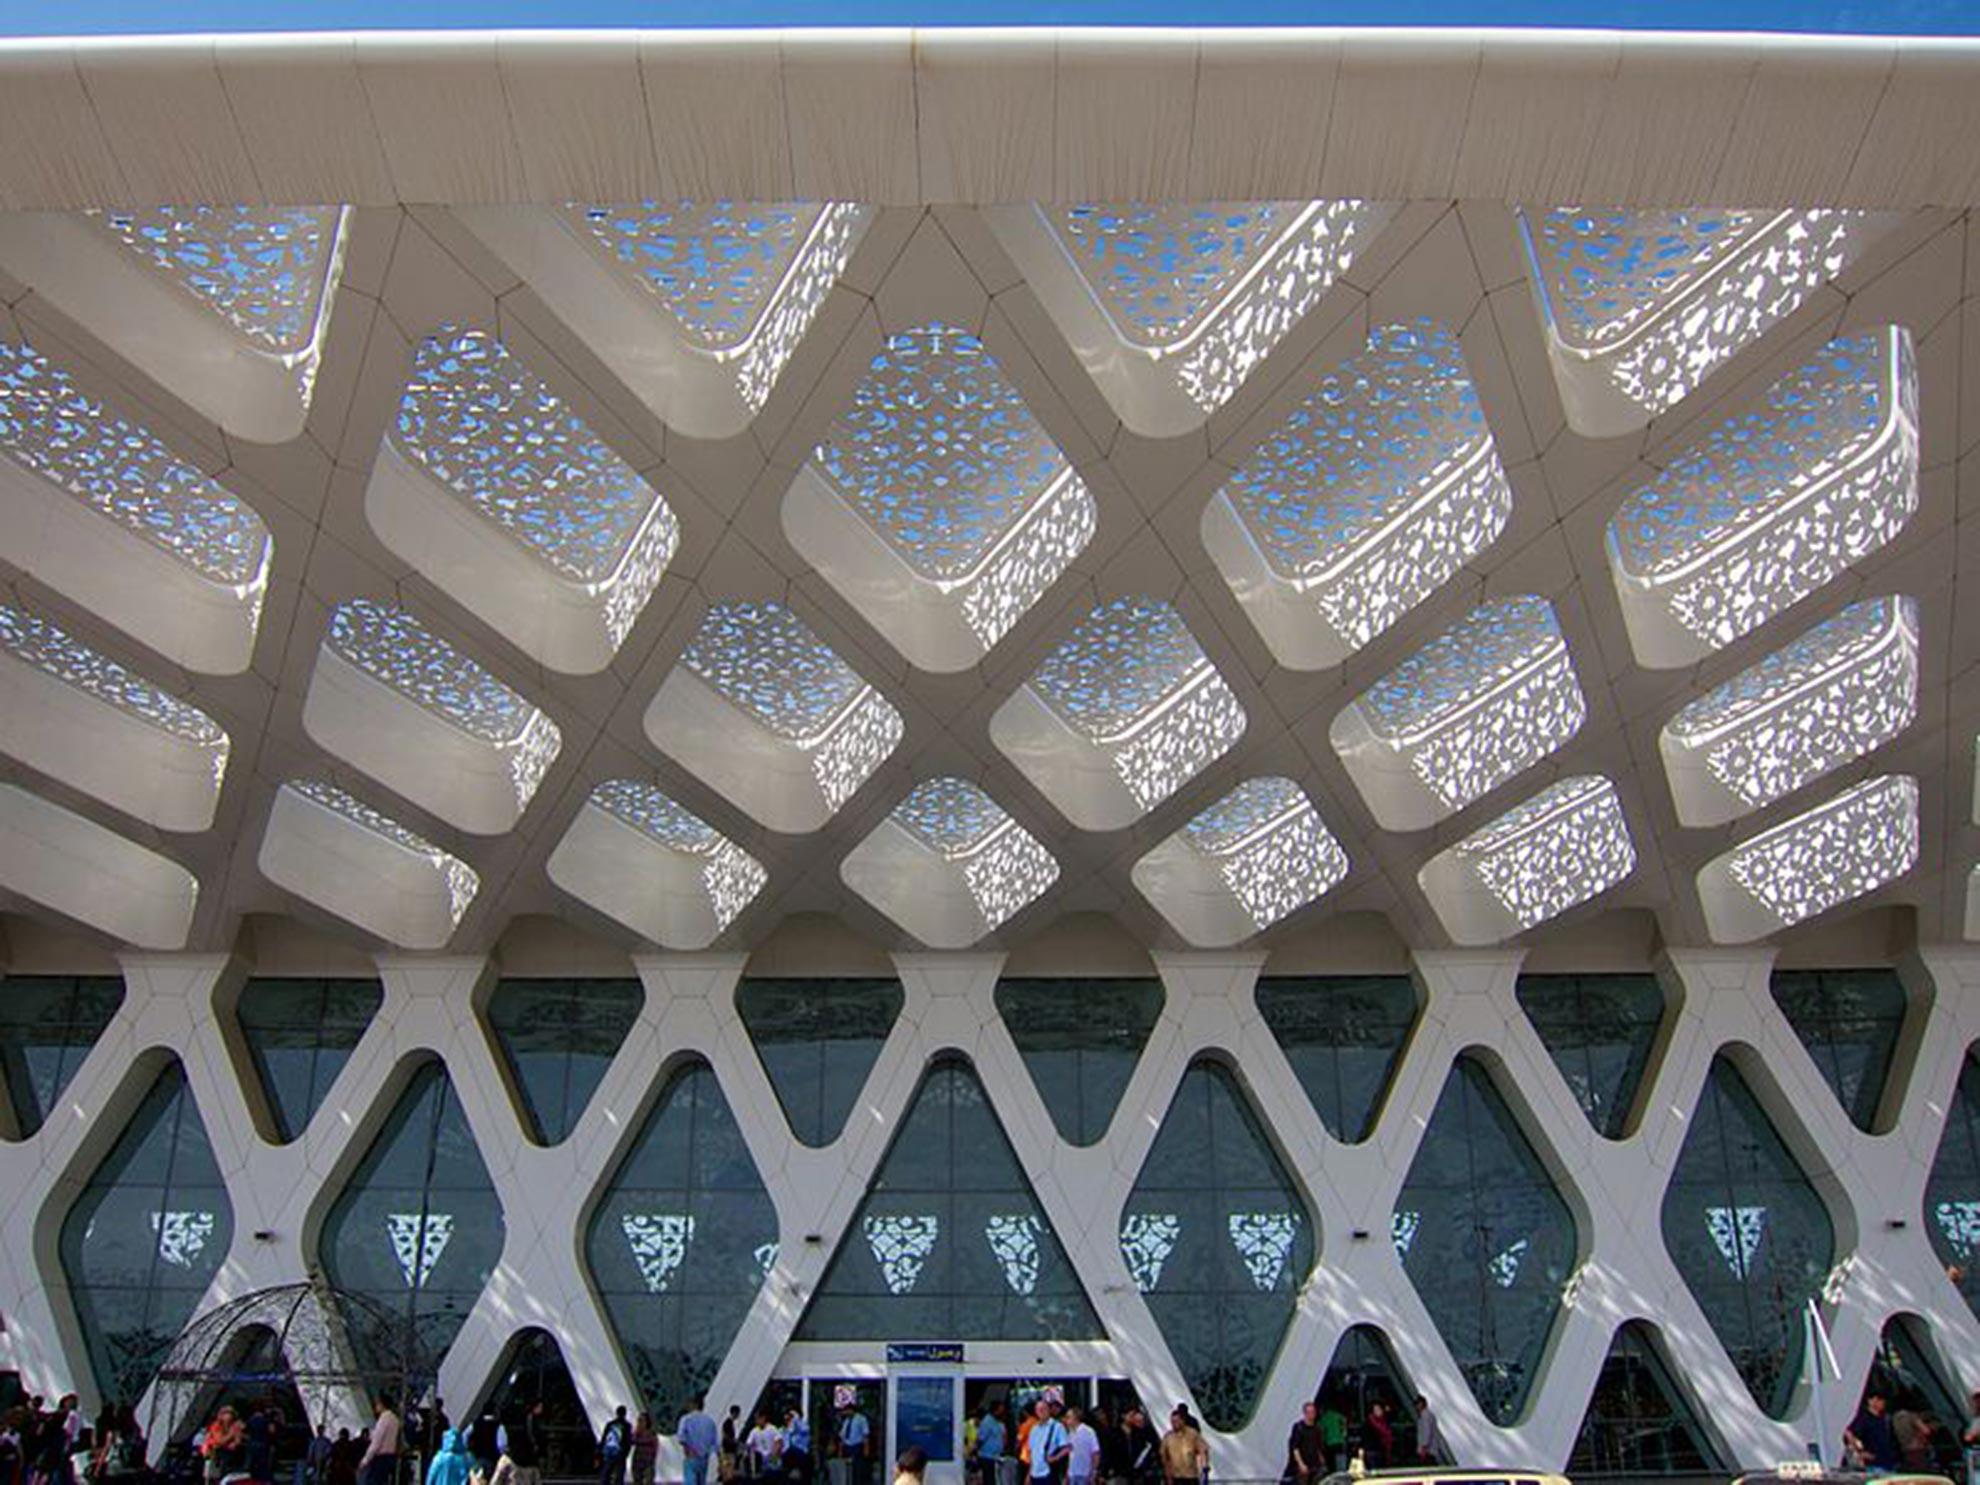 800px-Marrakech_Menara_Airport_1_1591717369.jpg